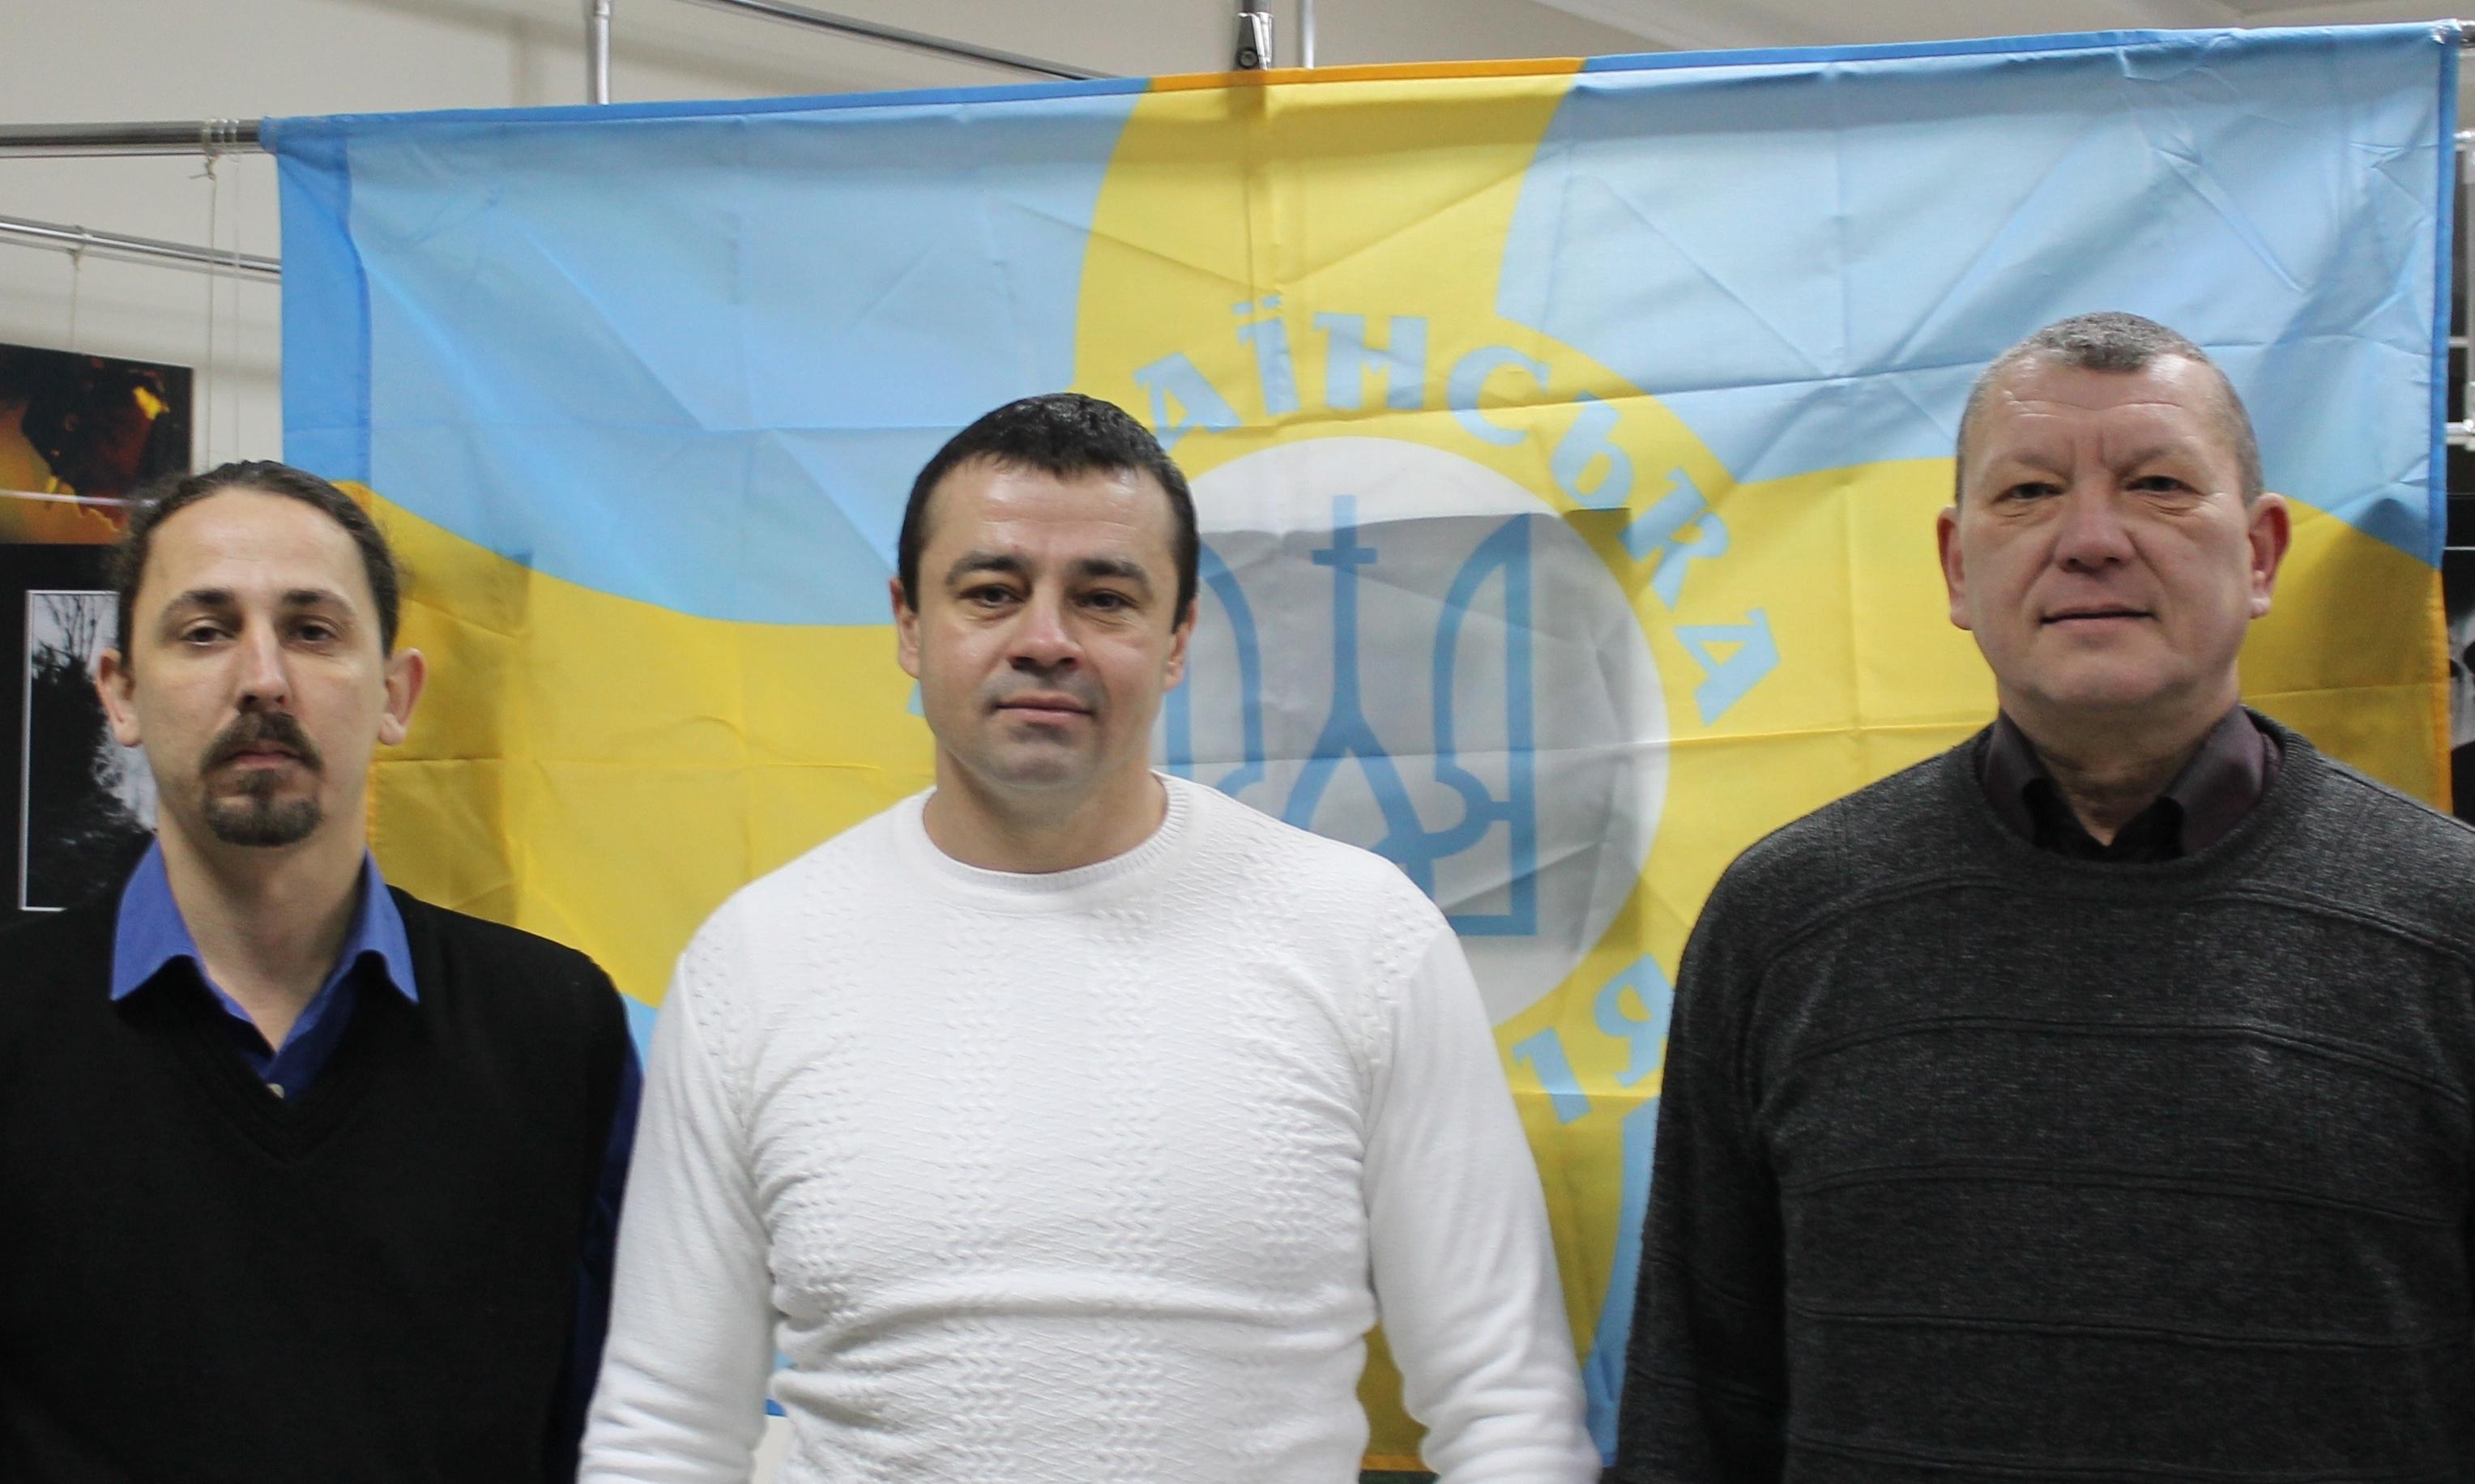 Українська партія (УПА) висунула кандидатів на виборах до Закарпатської облради.